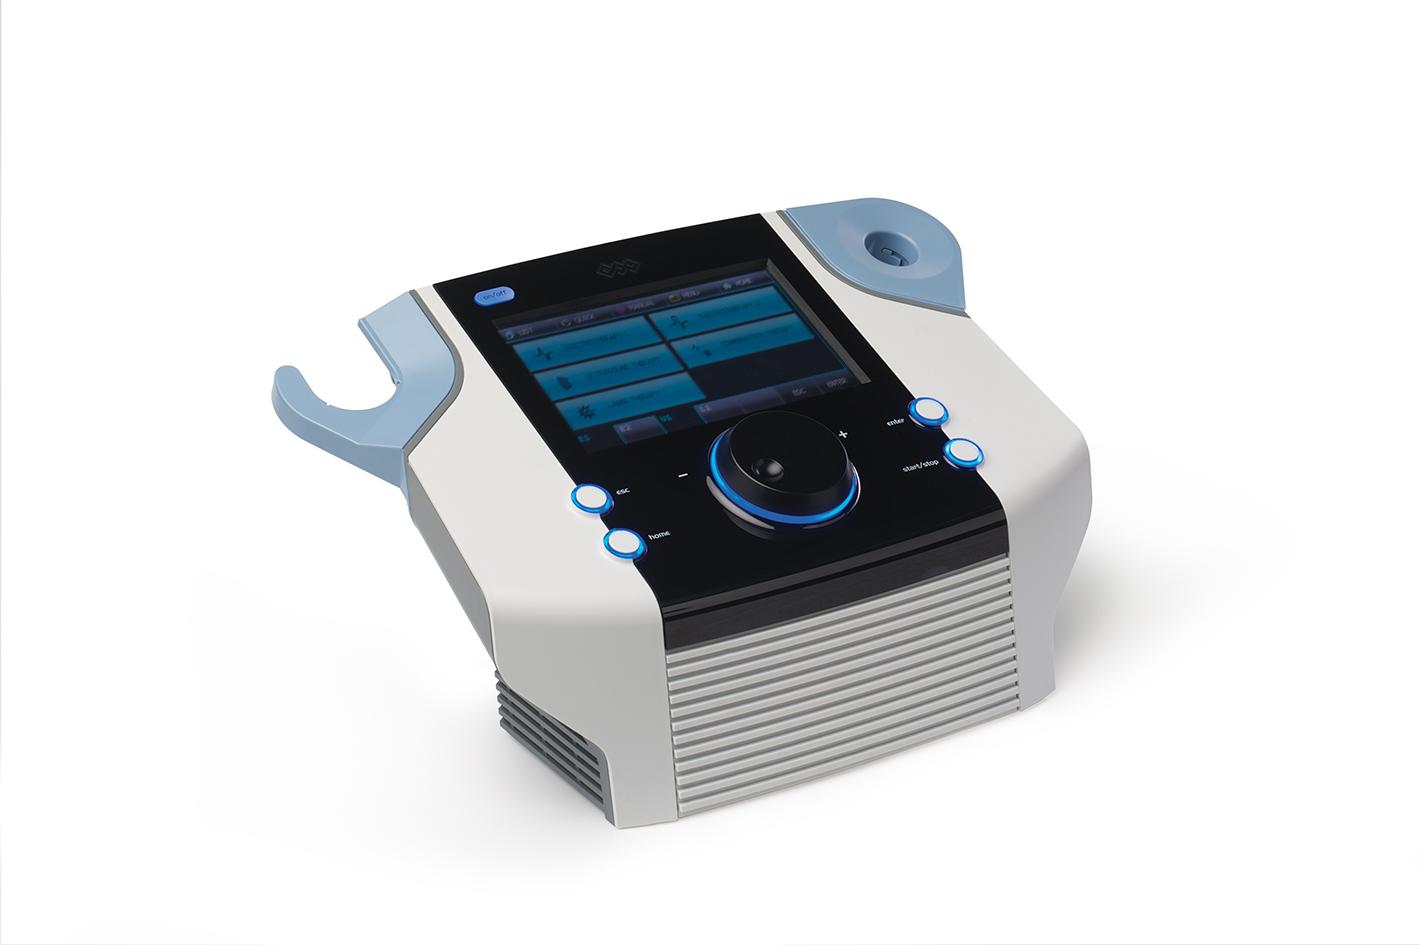 Elektro-Ultraschall-Laser-Kombigerät BTL-4820SL Premium